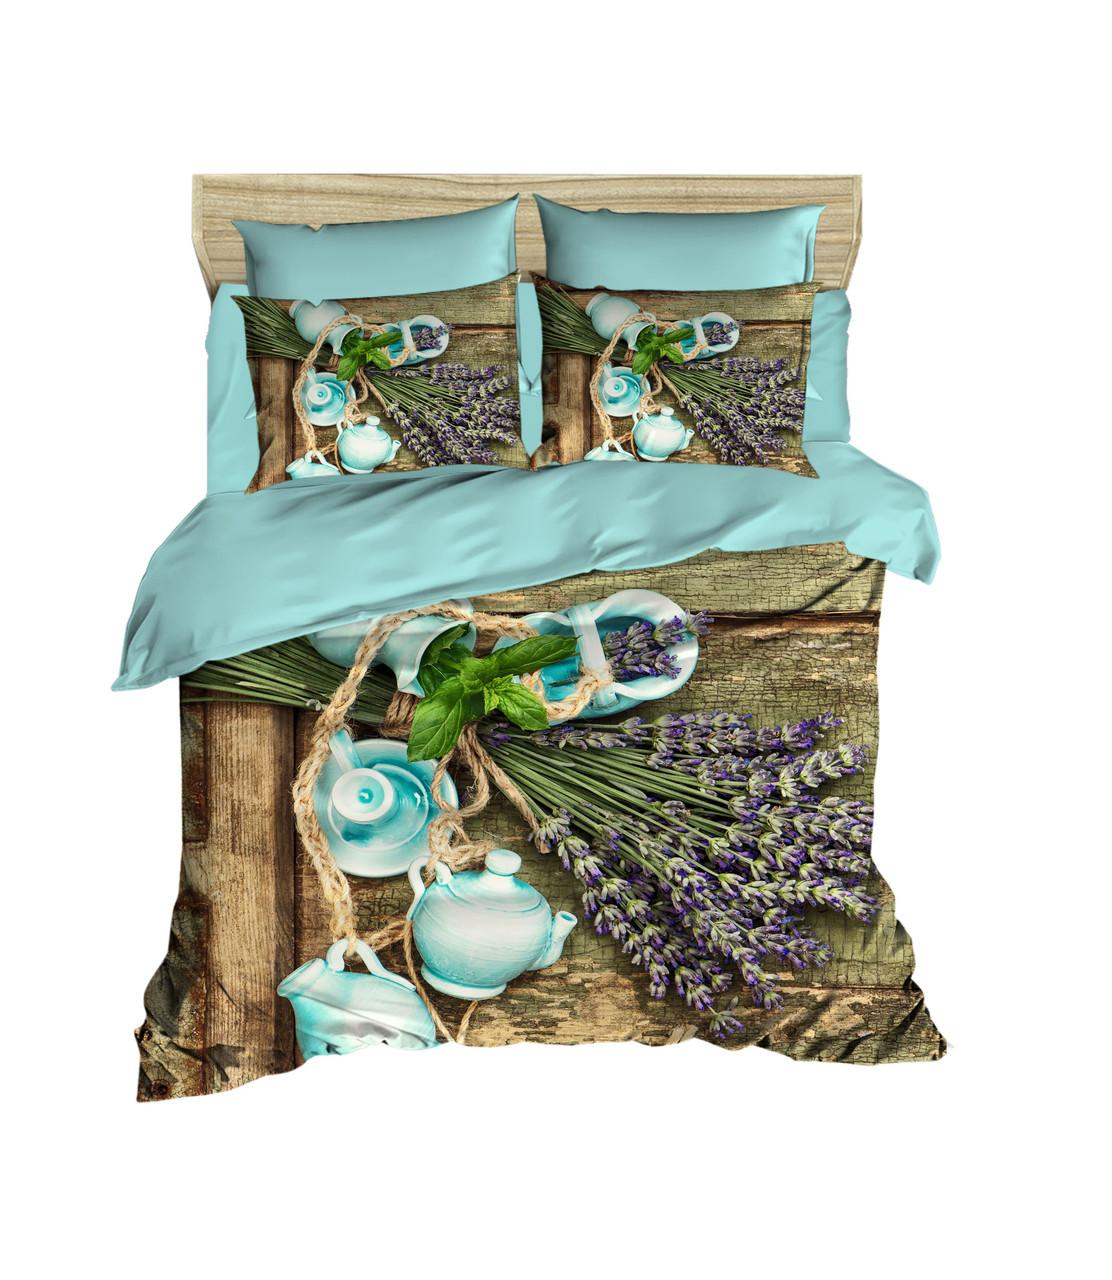 Постельное белье LIGHT HOUSE 200х220 ranforce 3D рисунок Lavender